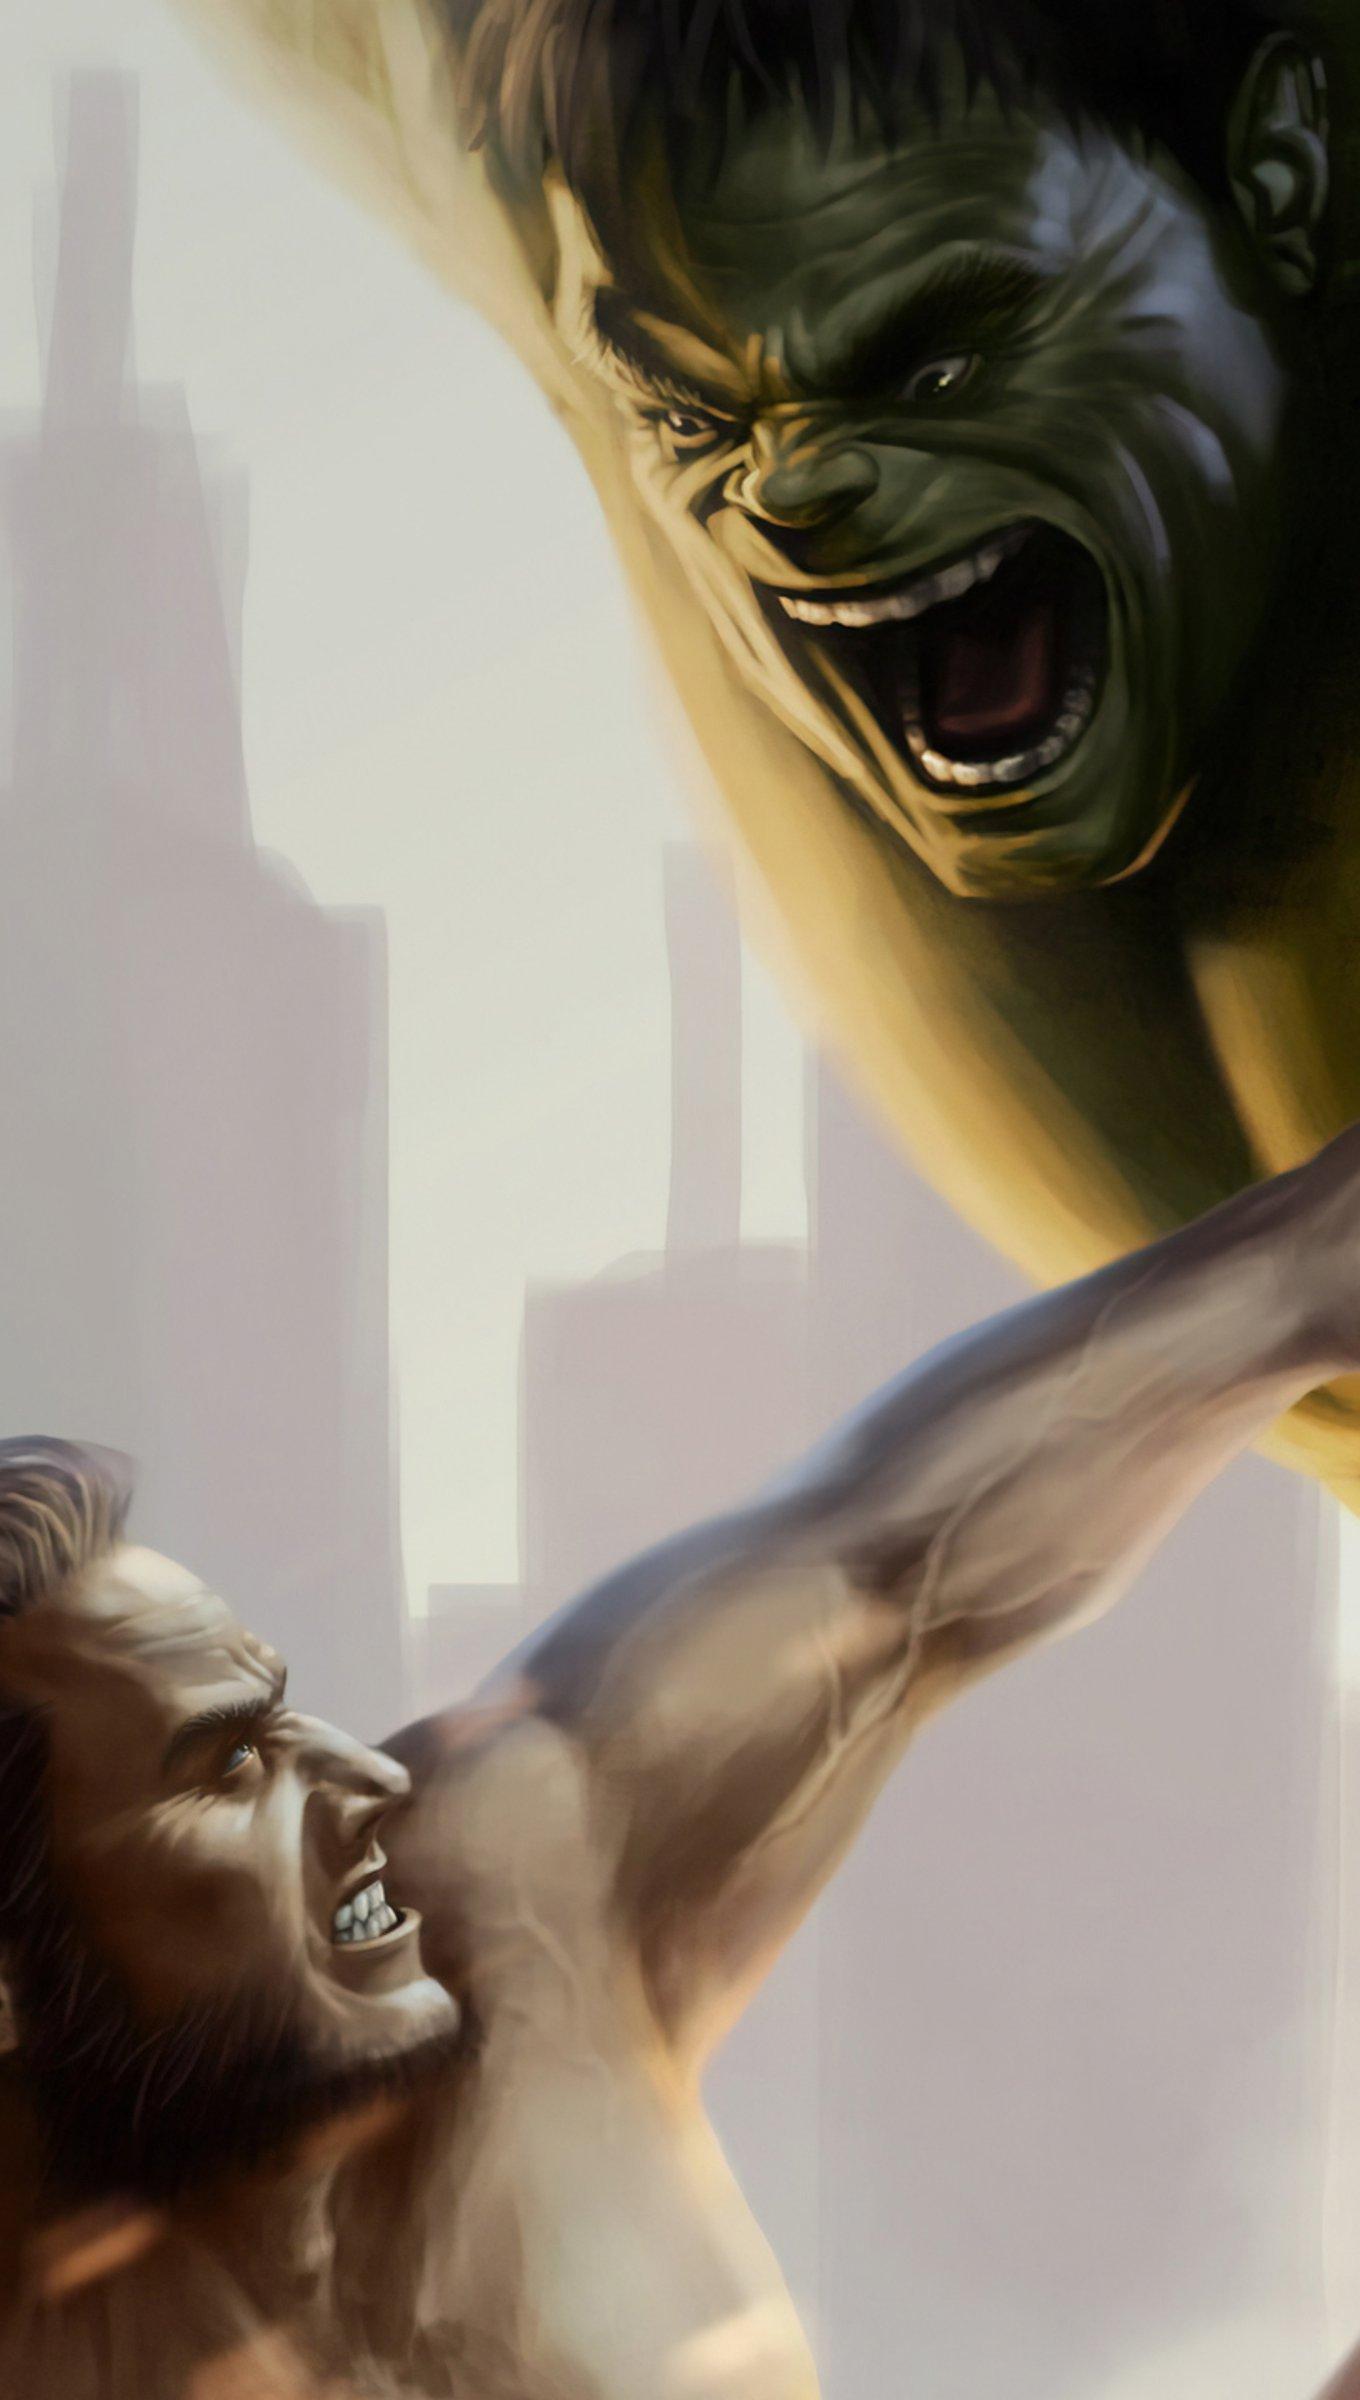 Fondos de pantalla Wolverine peleando con Hulk Vertical